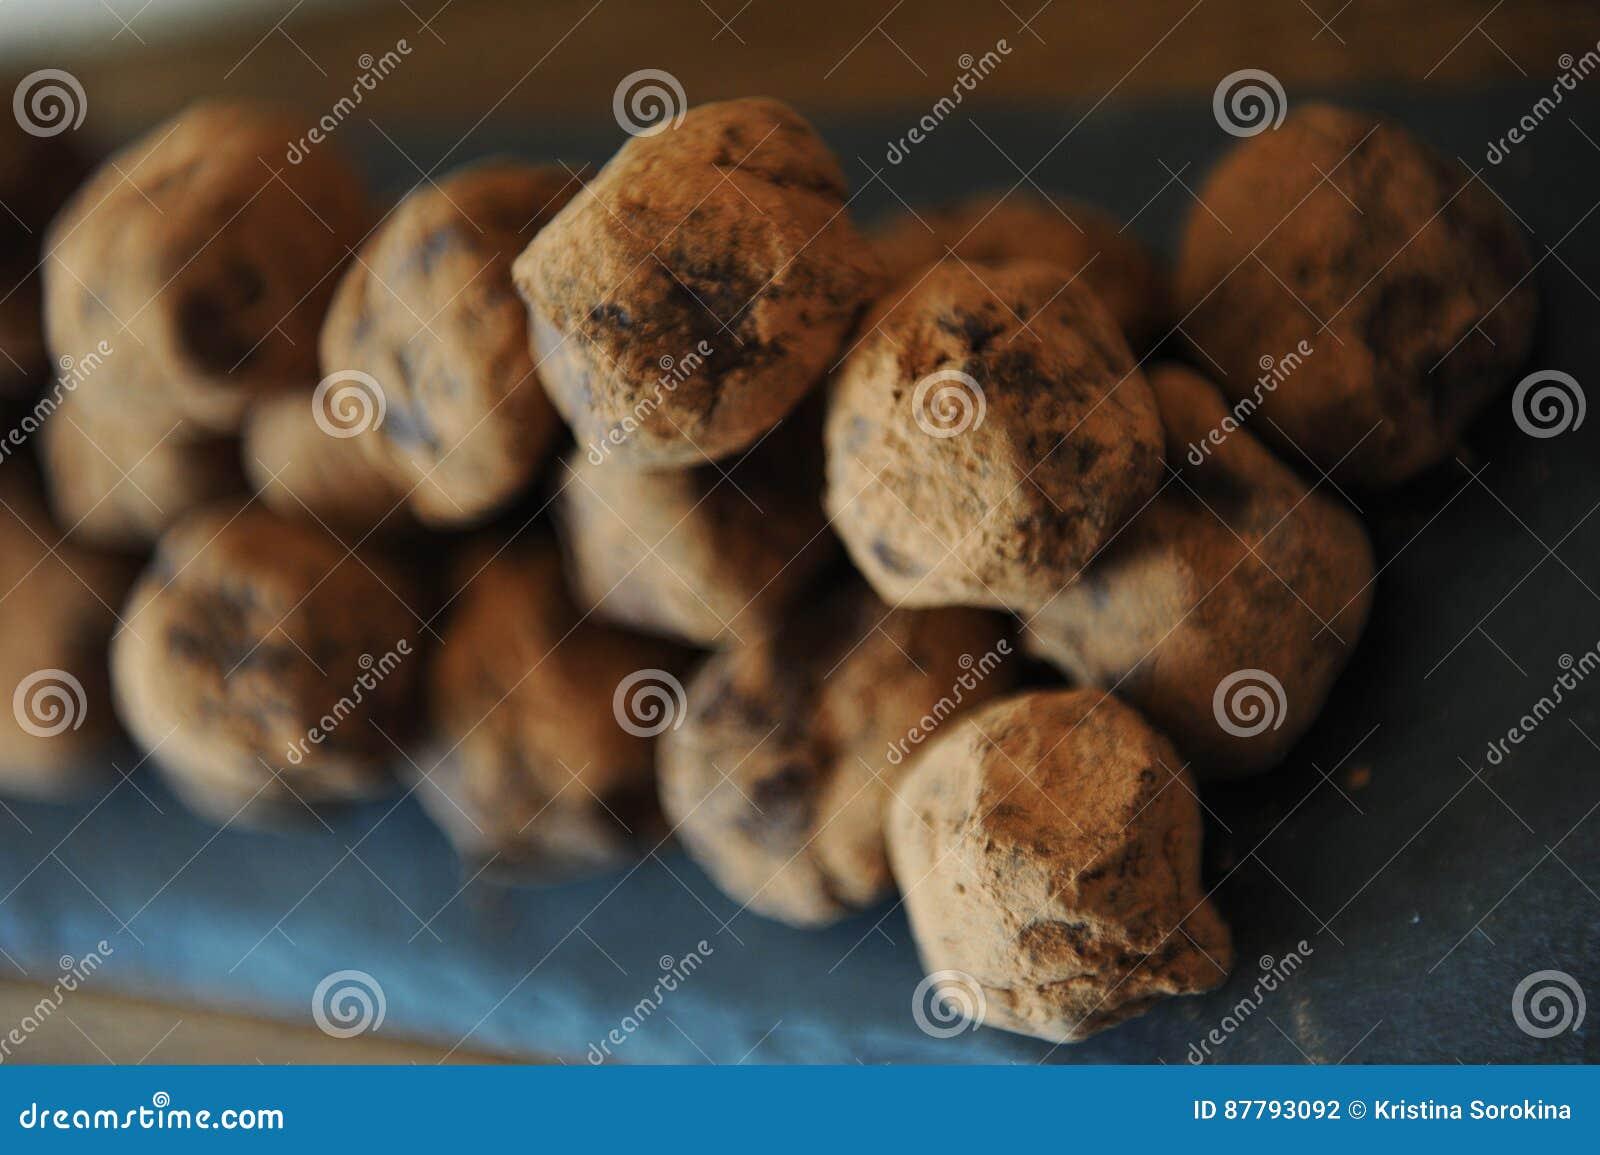 Τρούφες σοκολάτας στο κακάο ψεκασμένο Στον πίνακα πλακών στο ξύλινο υπόβαθρο Κινηματογράφηση σε πρώτο πλάνο, σύσταση